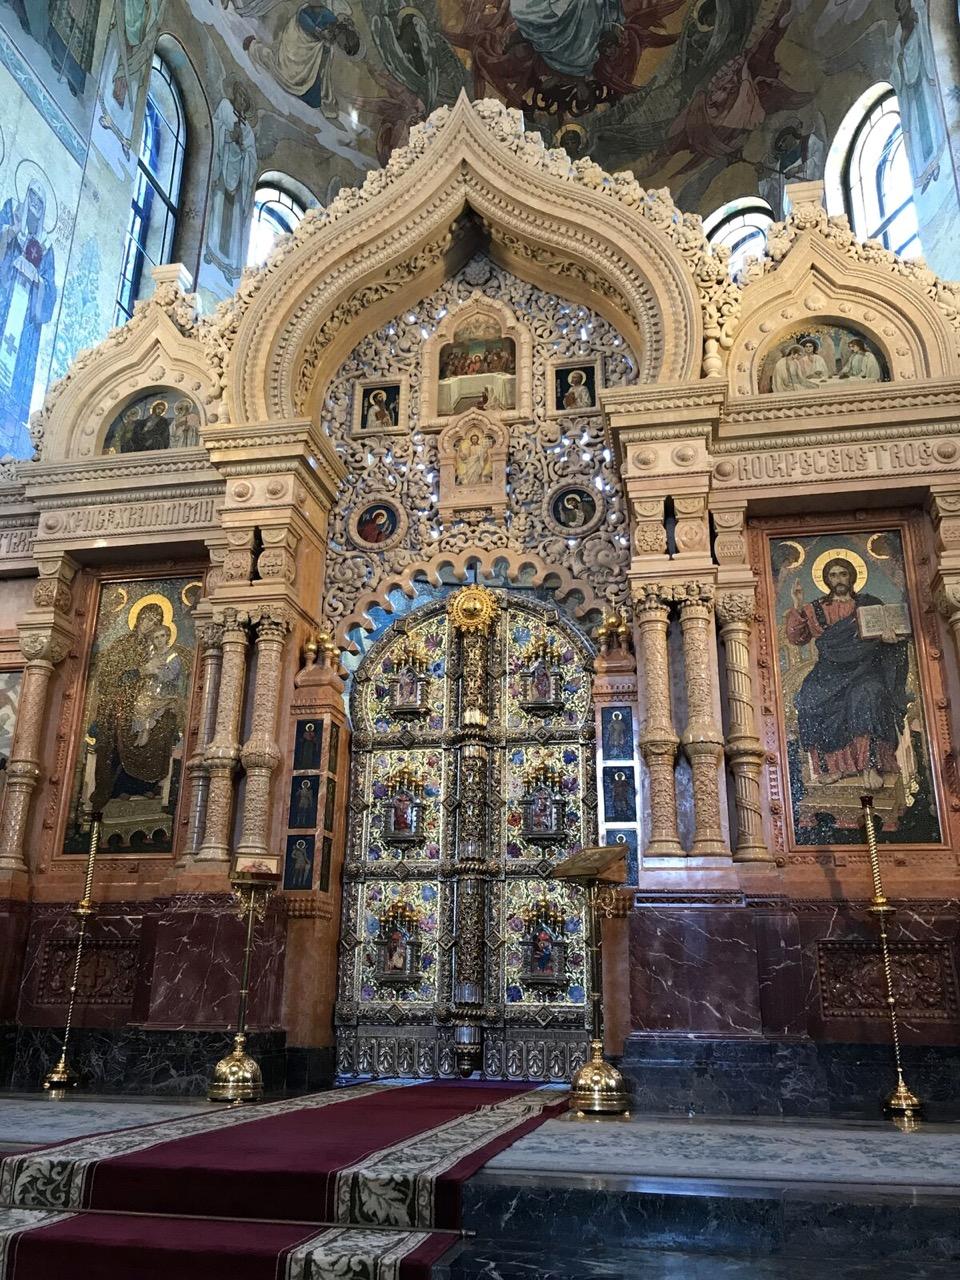 teri_St.Petersburg_St.Isaacs_Churchofspilledblood_travel_spiritedtable_photo14.jpg